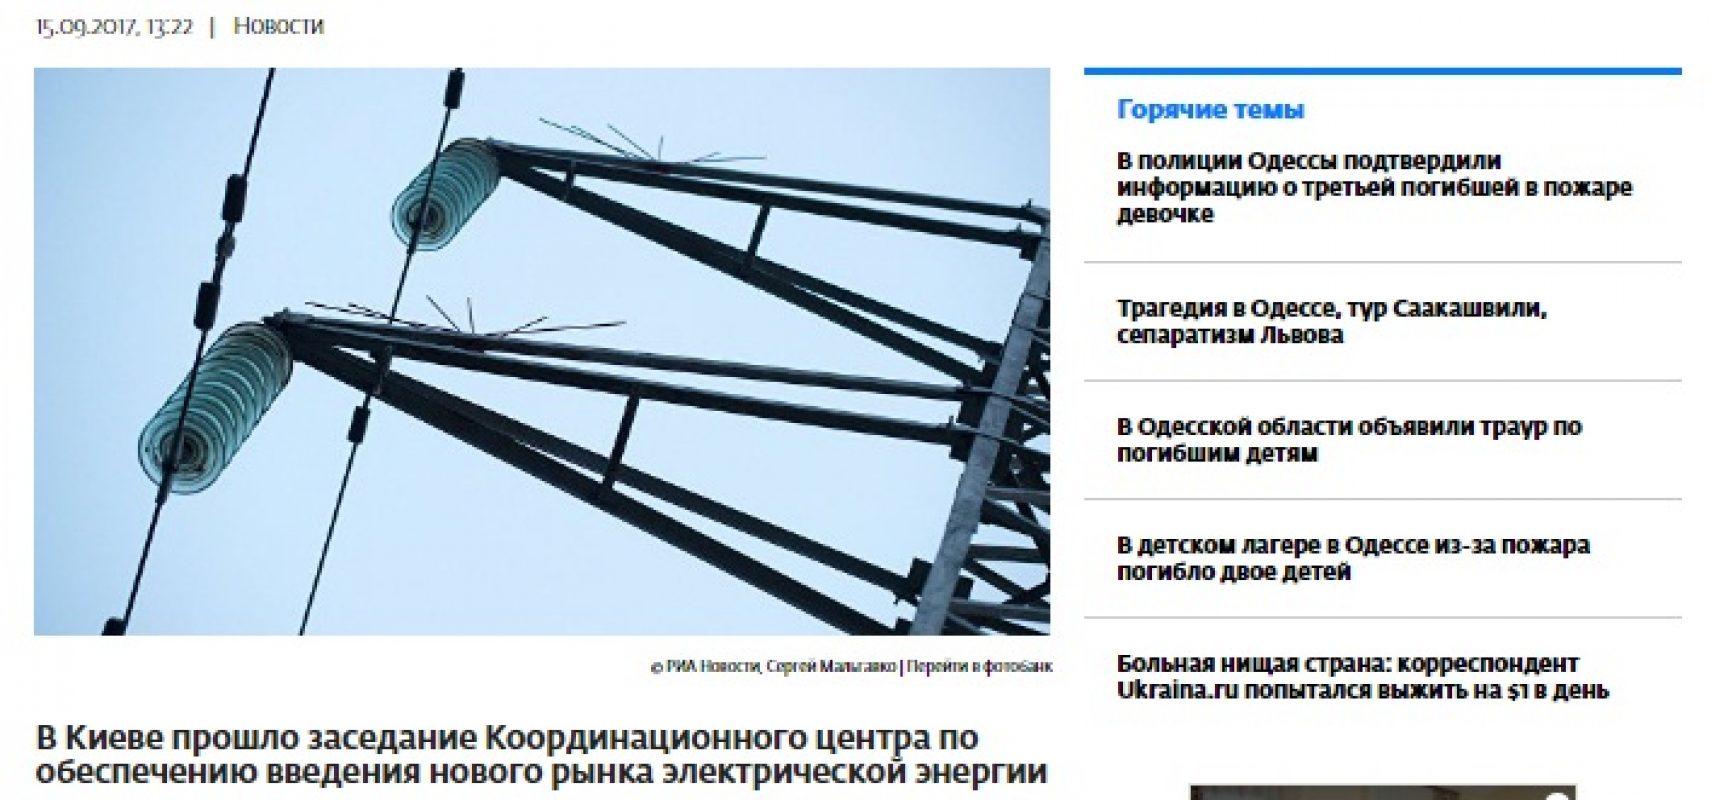 Fake: In Ucraina l'energia elettrica piu' cara d'Europa